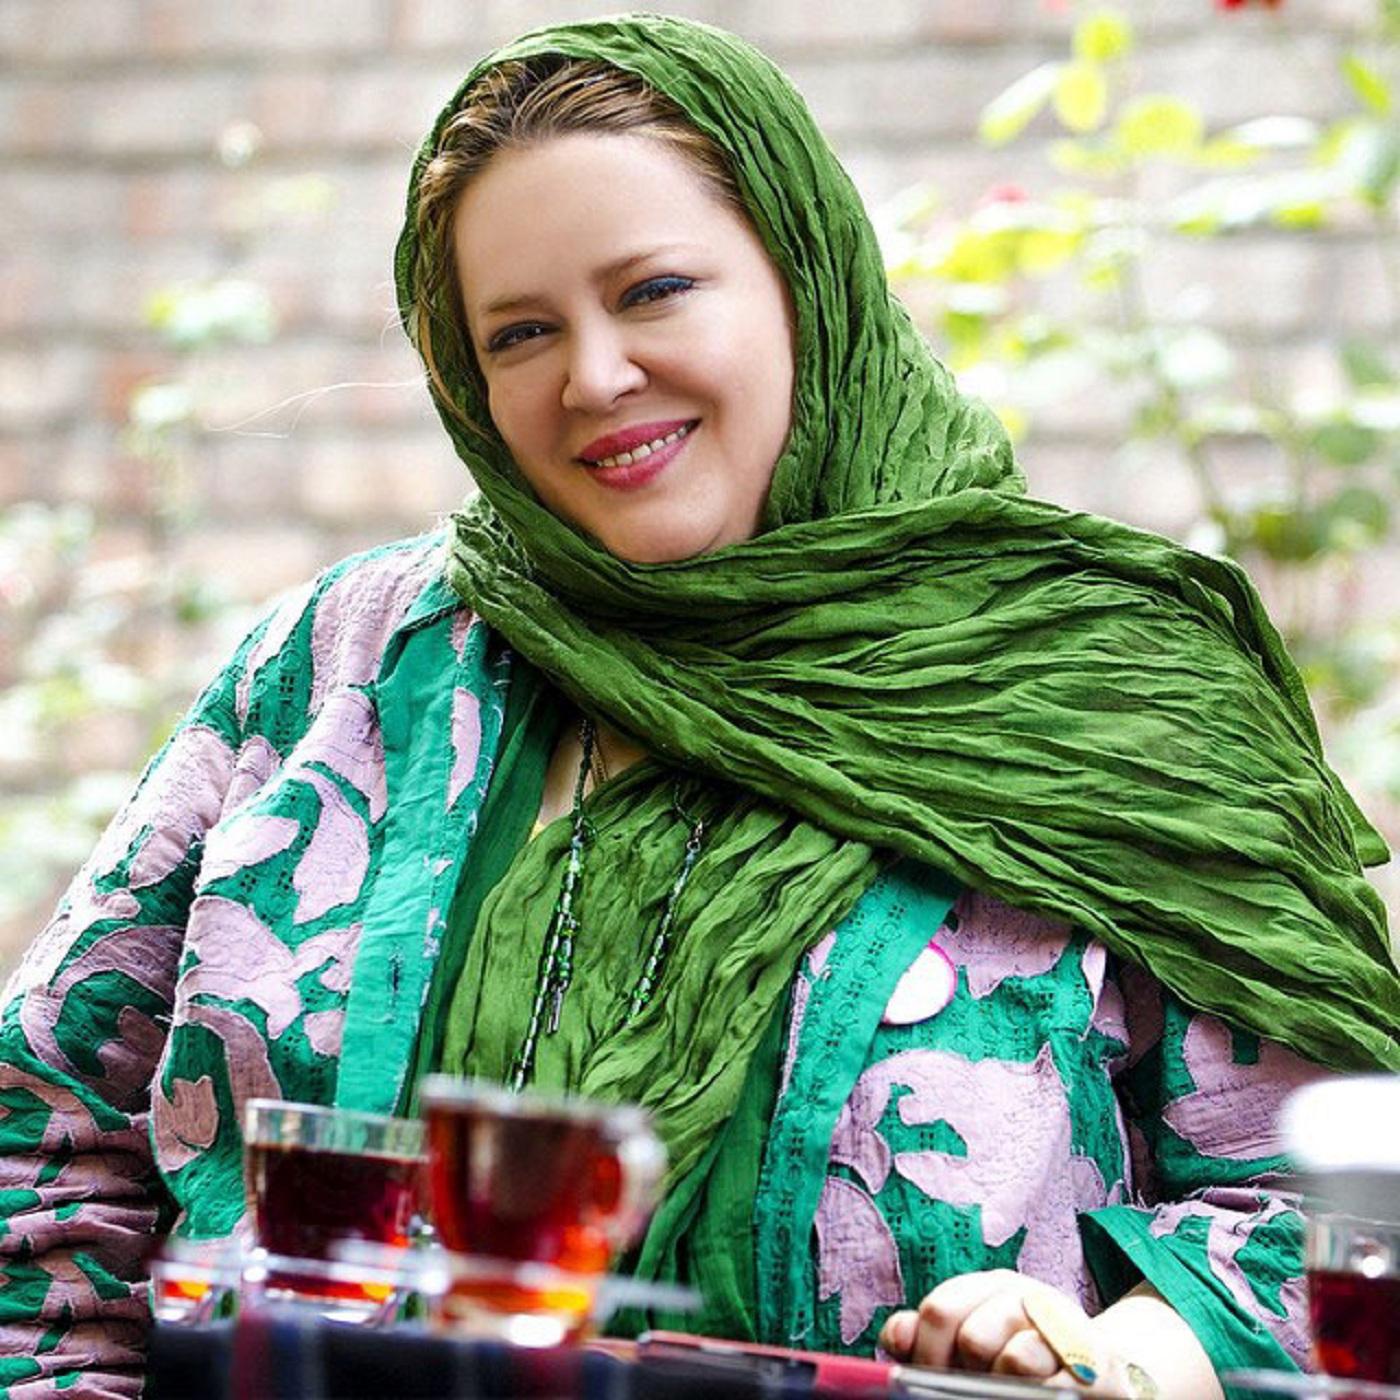 اخبار جدید از طلاق بهاره رهنما و پیمان قاسم خانی + تصاویر